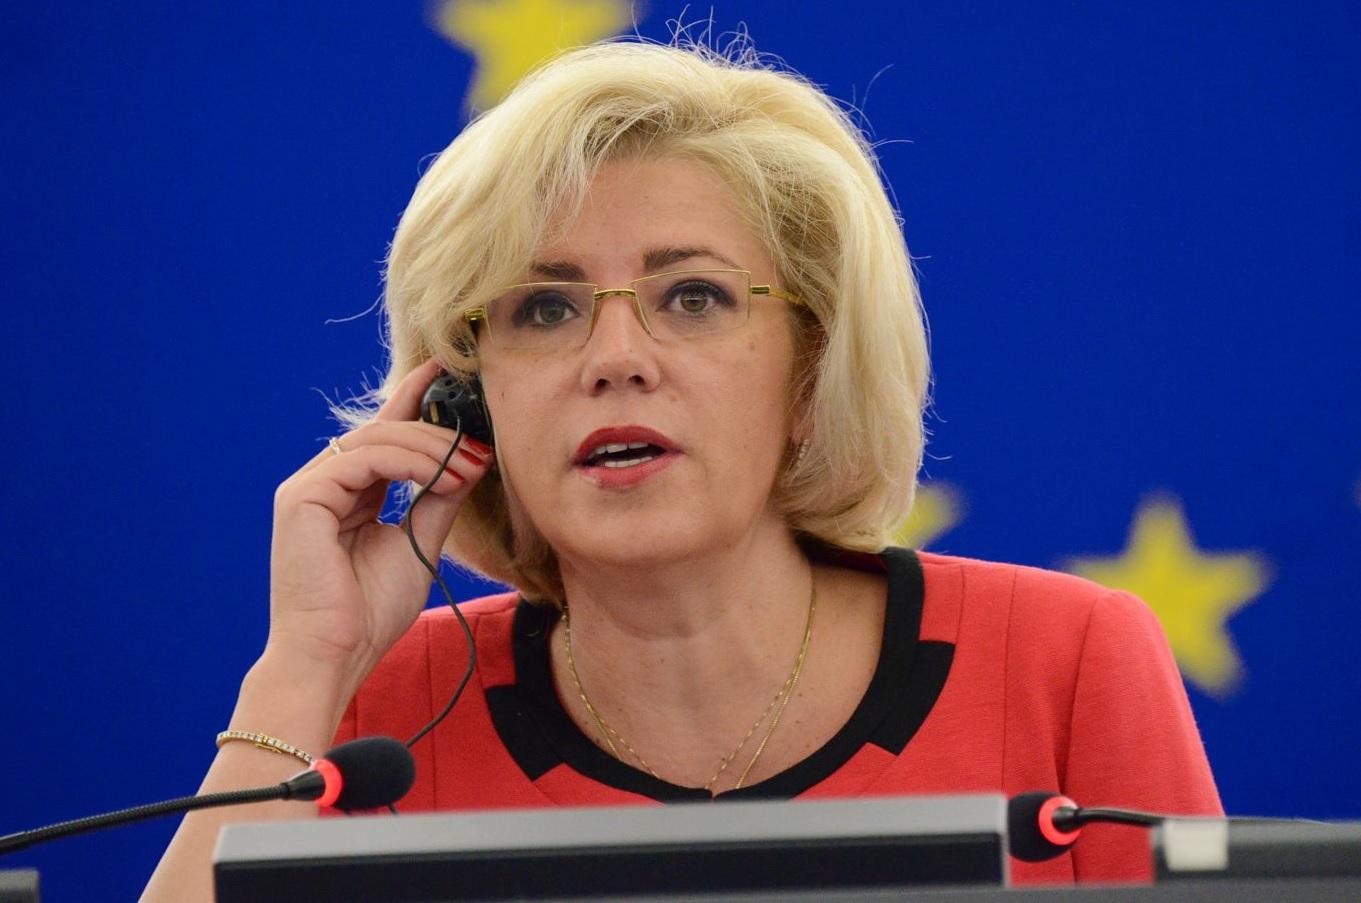 Η Ε.Ε. χρηματοδοτεί 25 έργα σε 10 κράτη-μέλη με 4 δισ. ευρώ